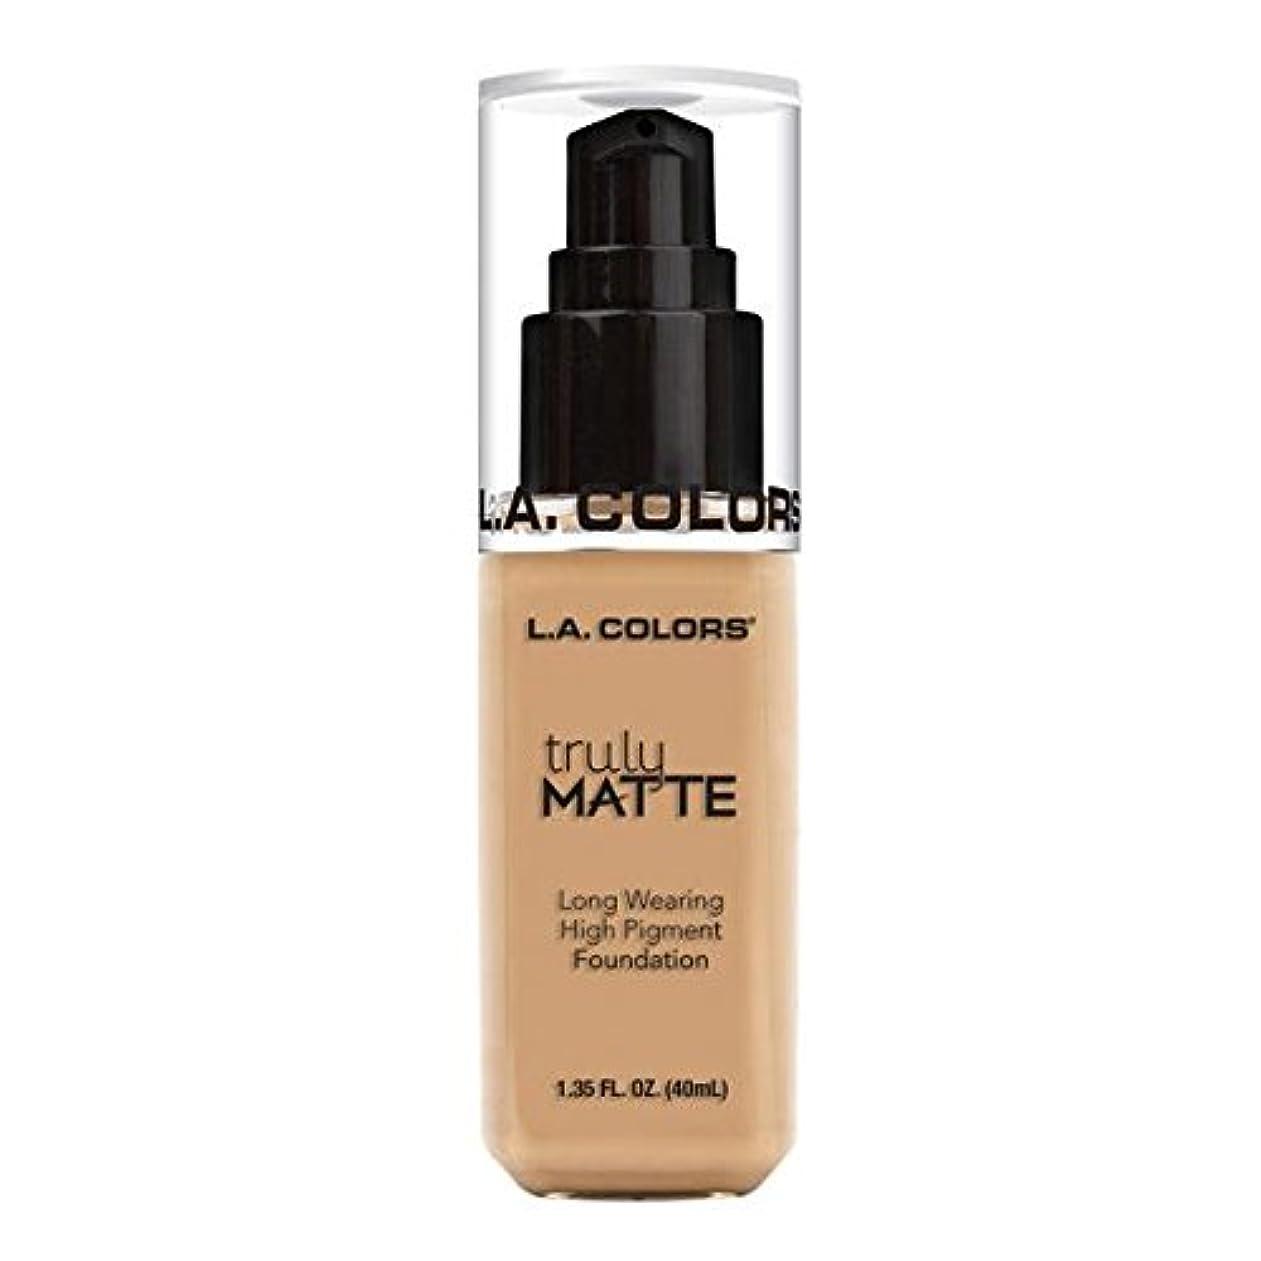 ジャムカフェ冷ややかな(3 Pack) L.A. COLORS Truly Matte Foundation - Natural (並行輸入品)